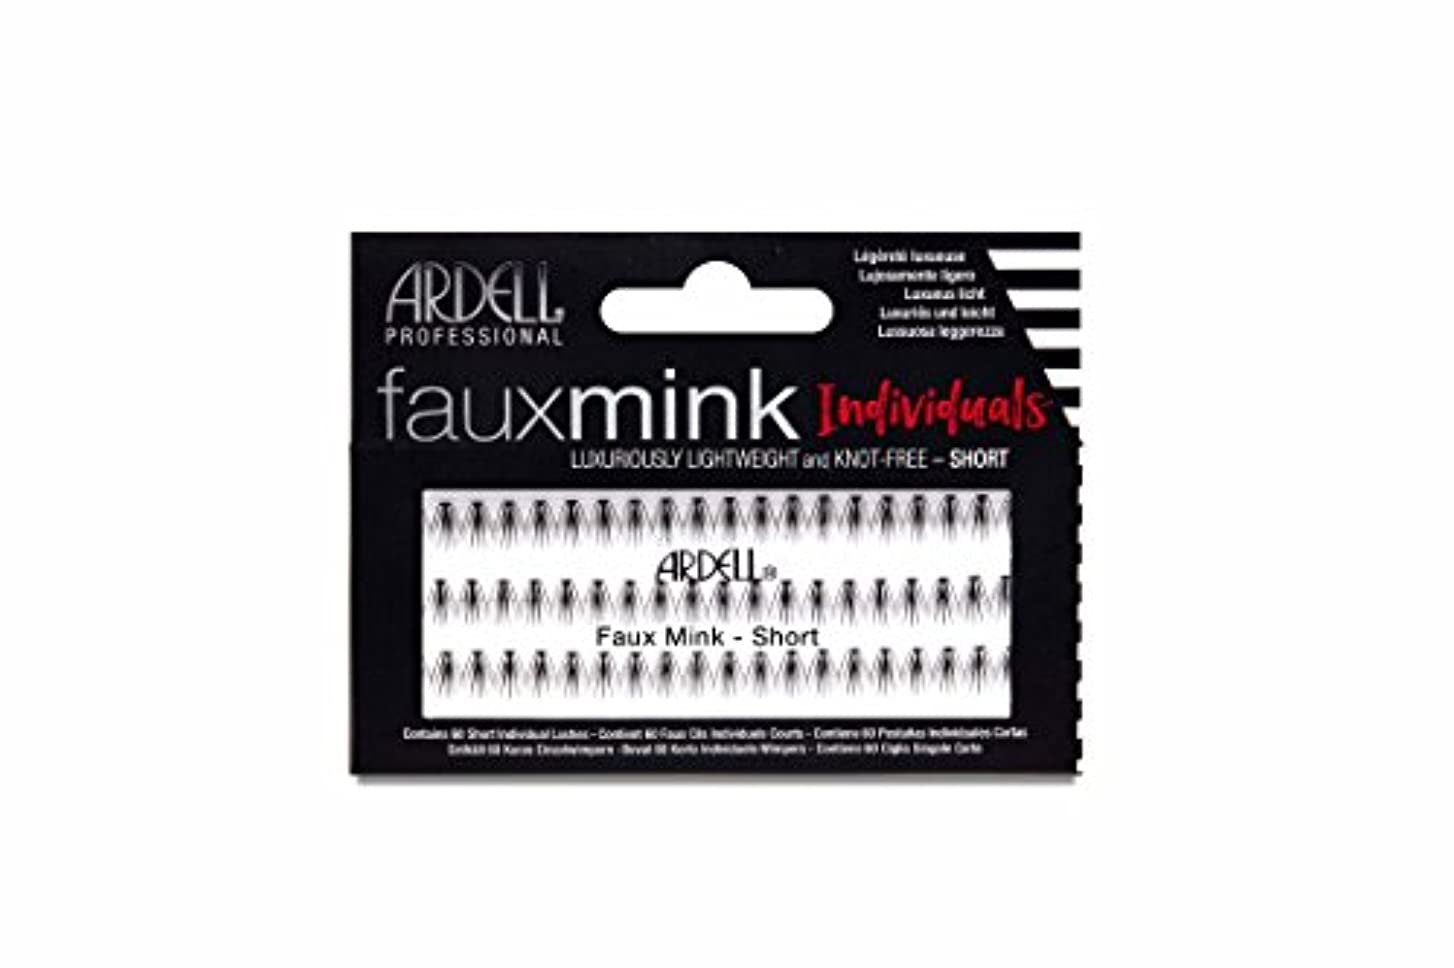 クーポンモンク騒ぎArdell Faux Mink Lashes - Individuals - Short Black